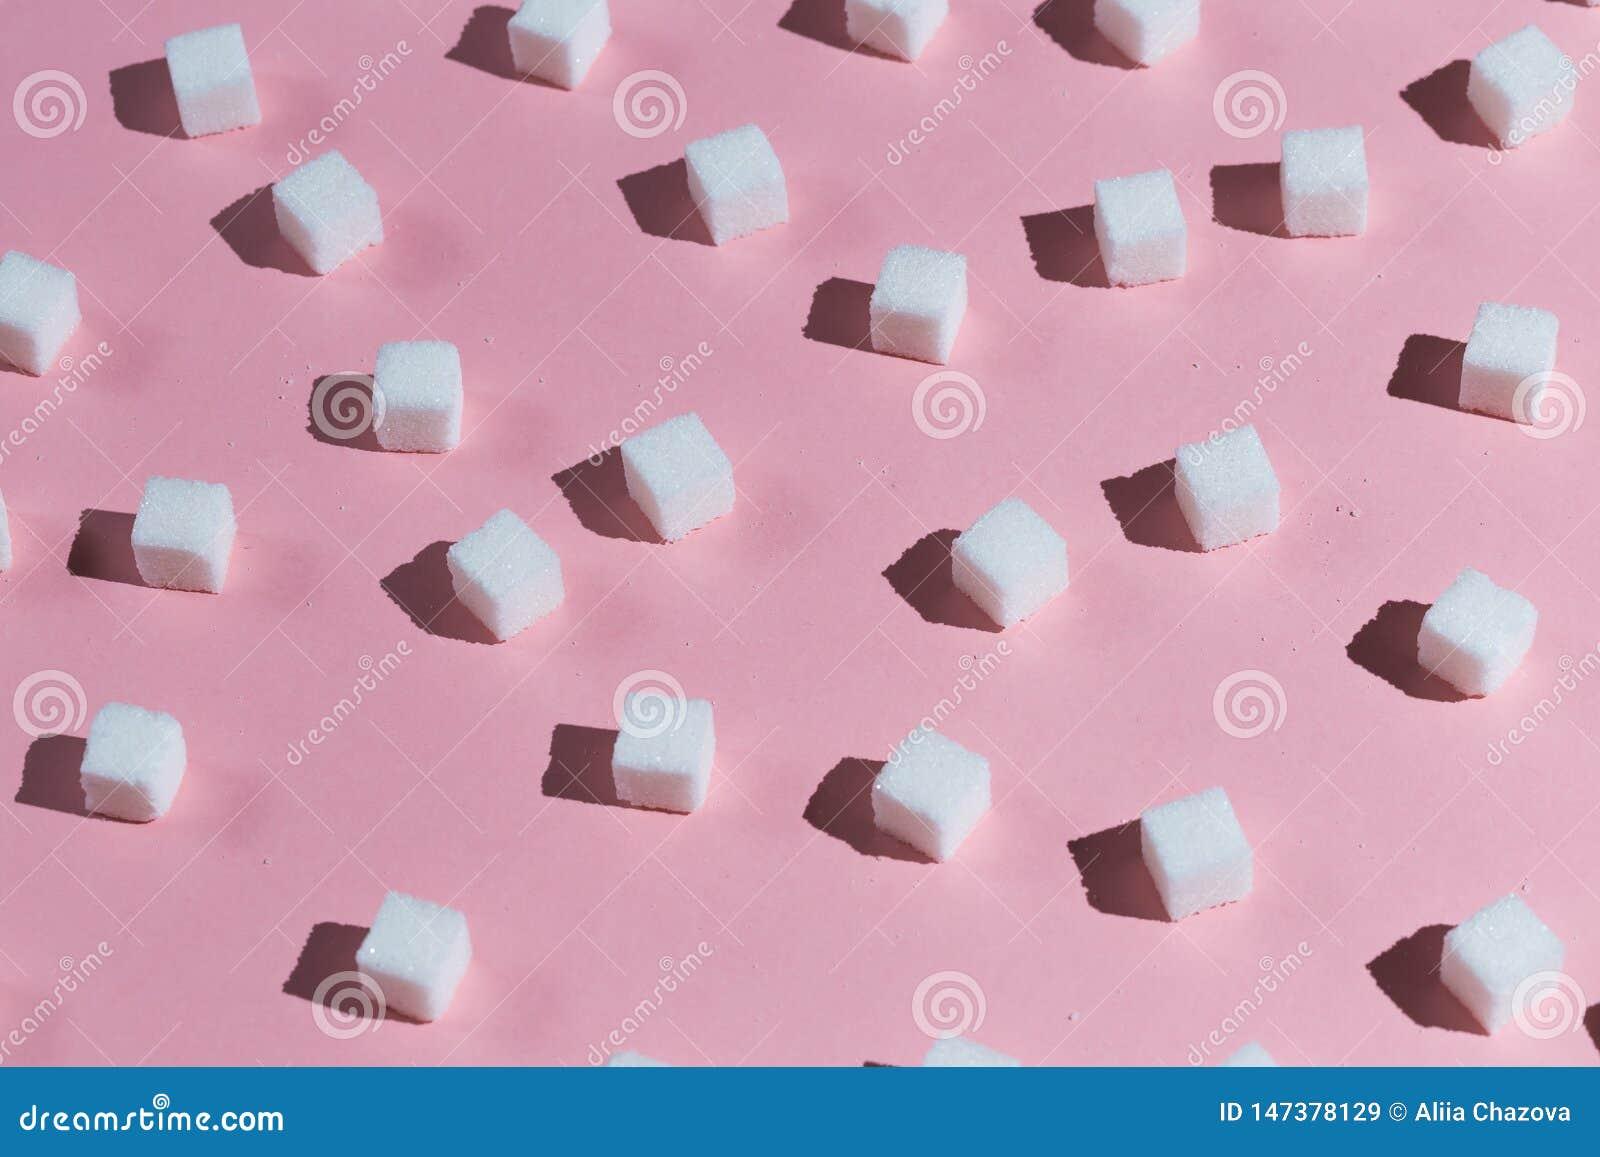 糖立方体的汇集